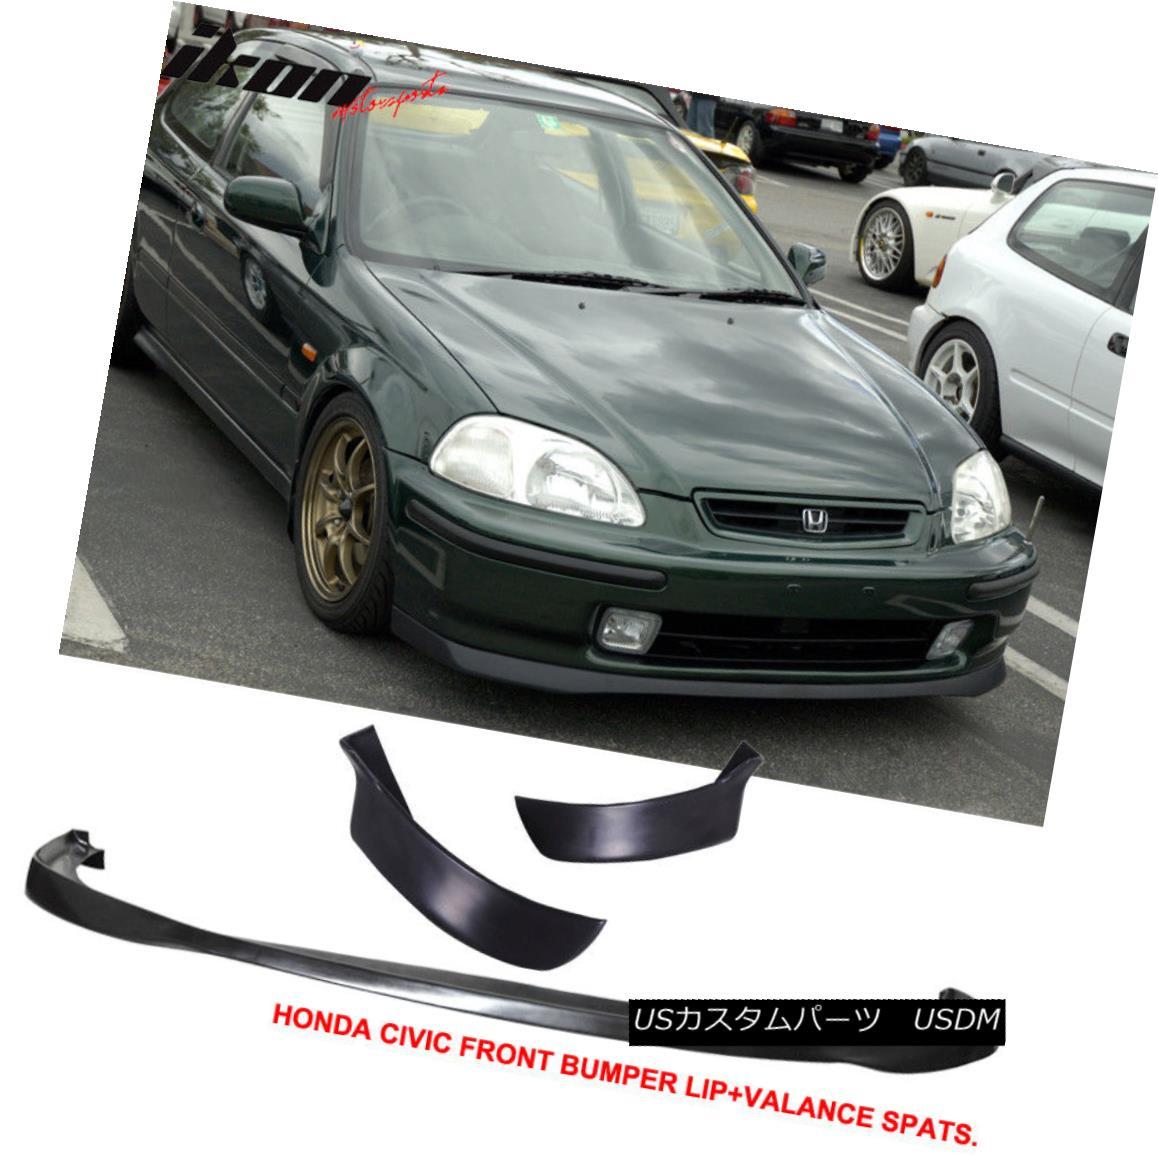 エアロパーツ Fits 96-98 Civic 3Dr SIR Front Bumper Lip +2PC Rear Bumper Lip Valance Spats フィット96-98 Civic 3Dr SIRフロントバンパーリップ+ 2PCリアバンパーリップバランススパッツ